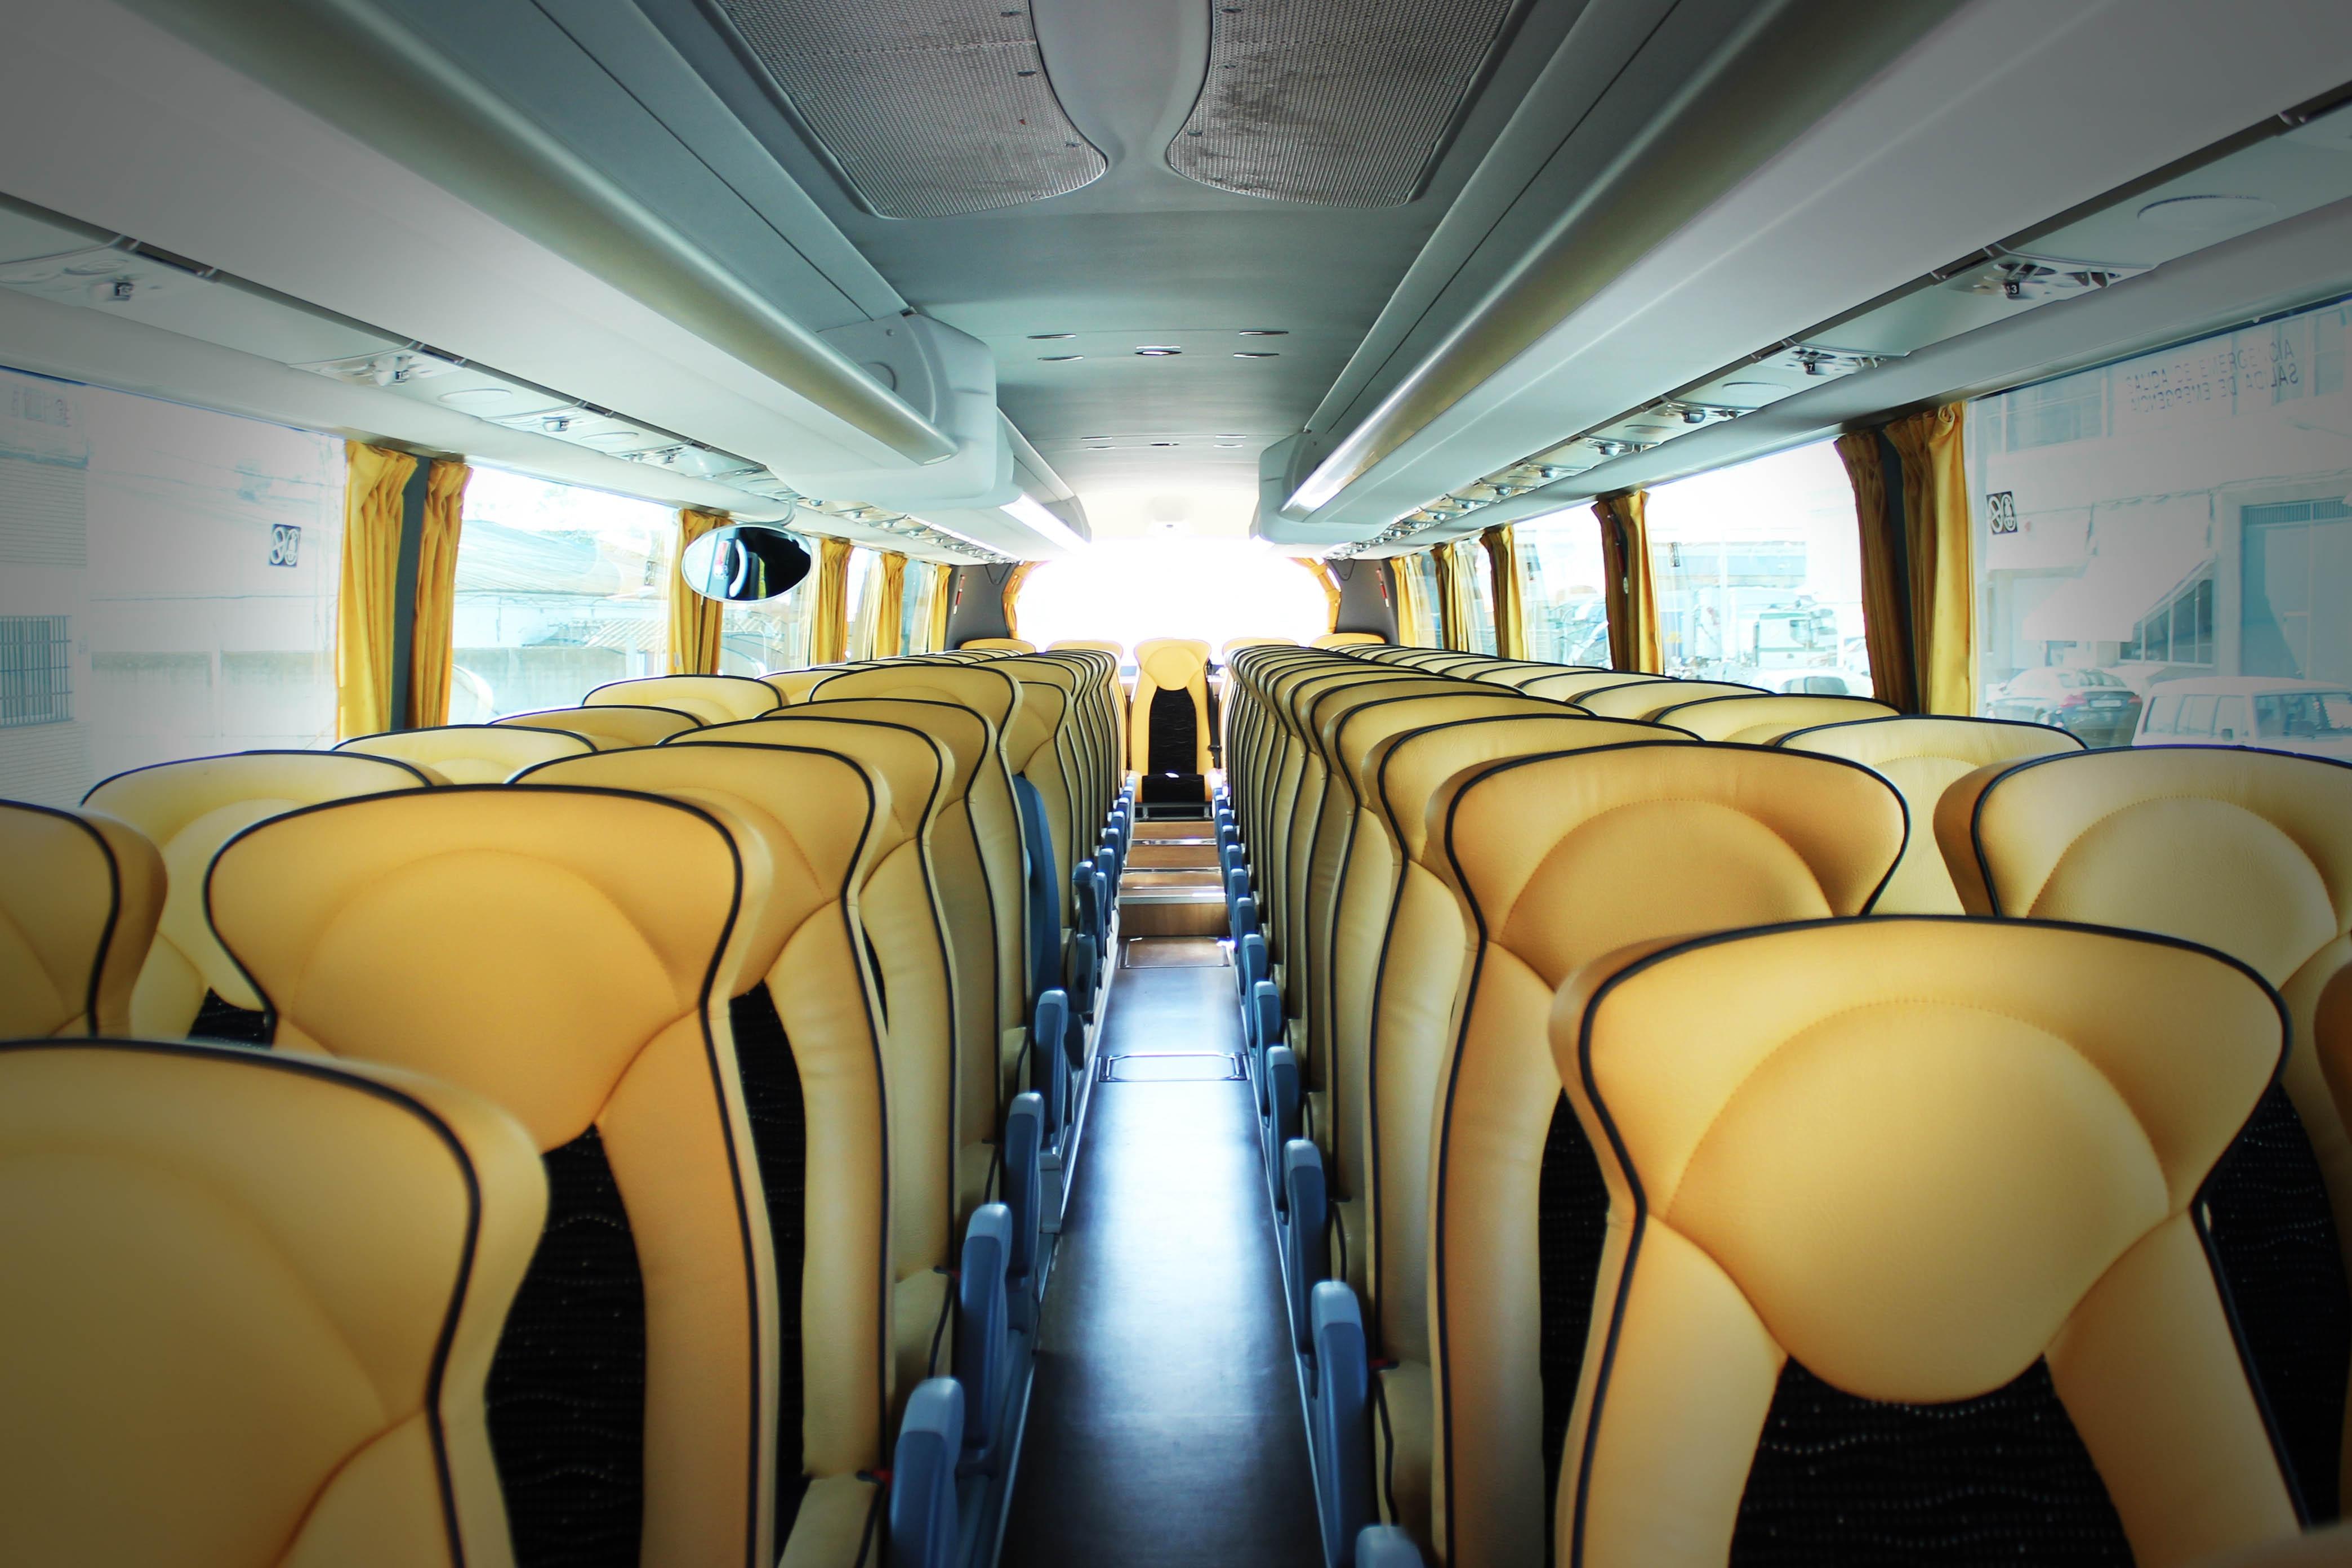 Автобус изнутри картинка предложенными вариантами